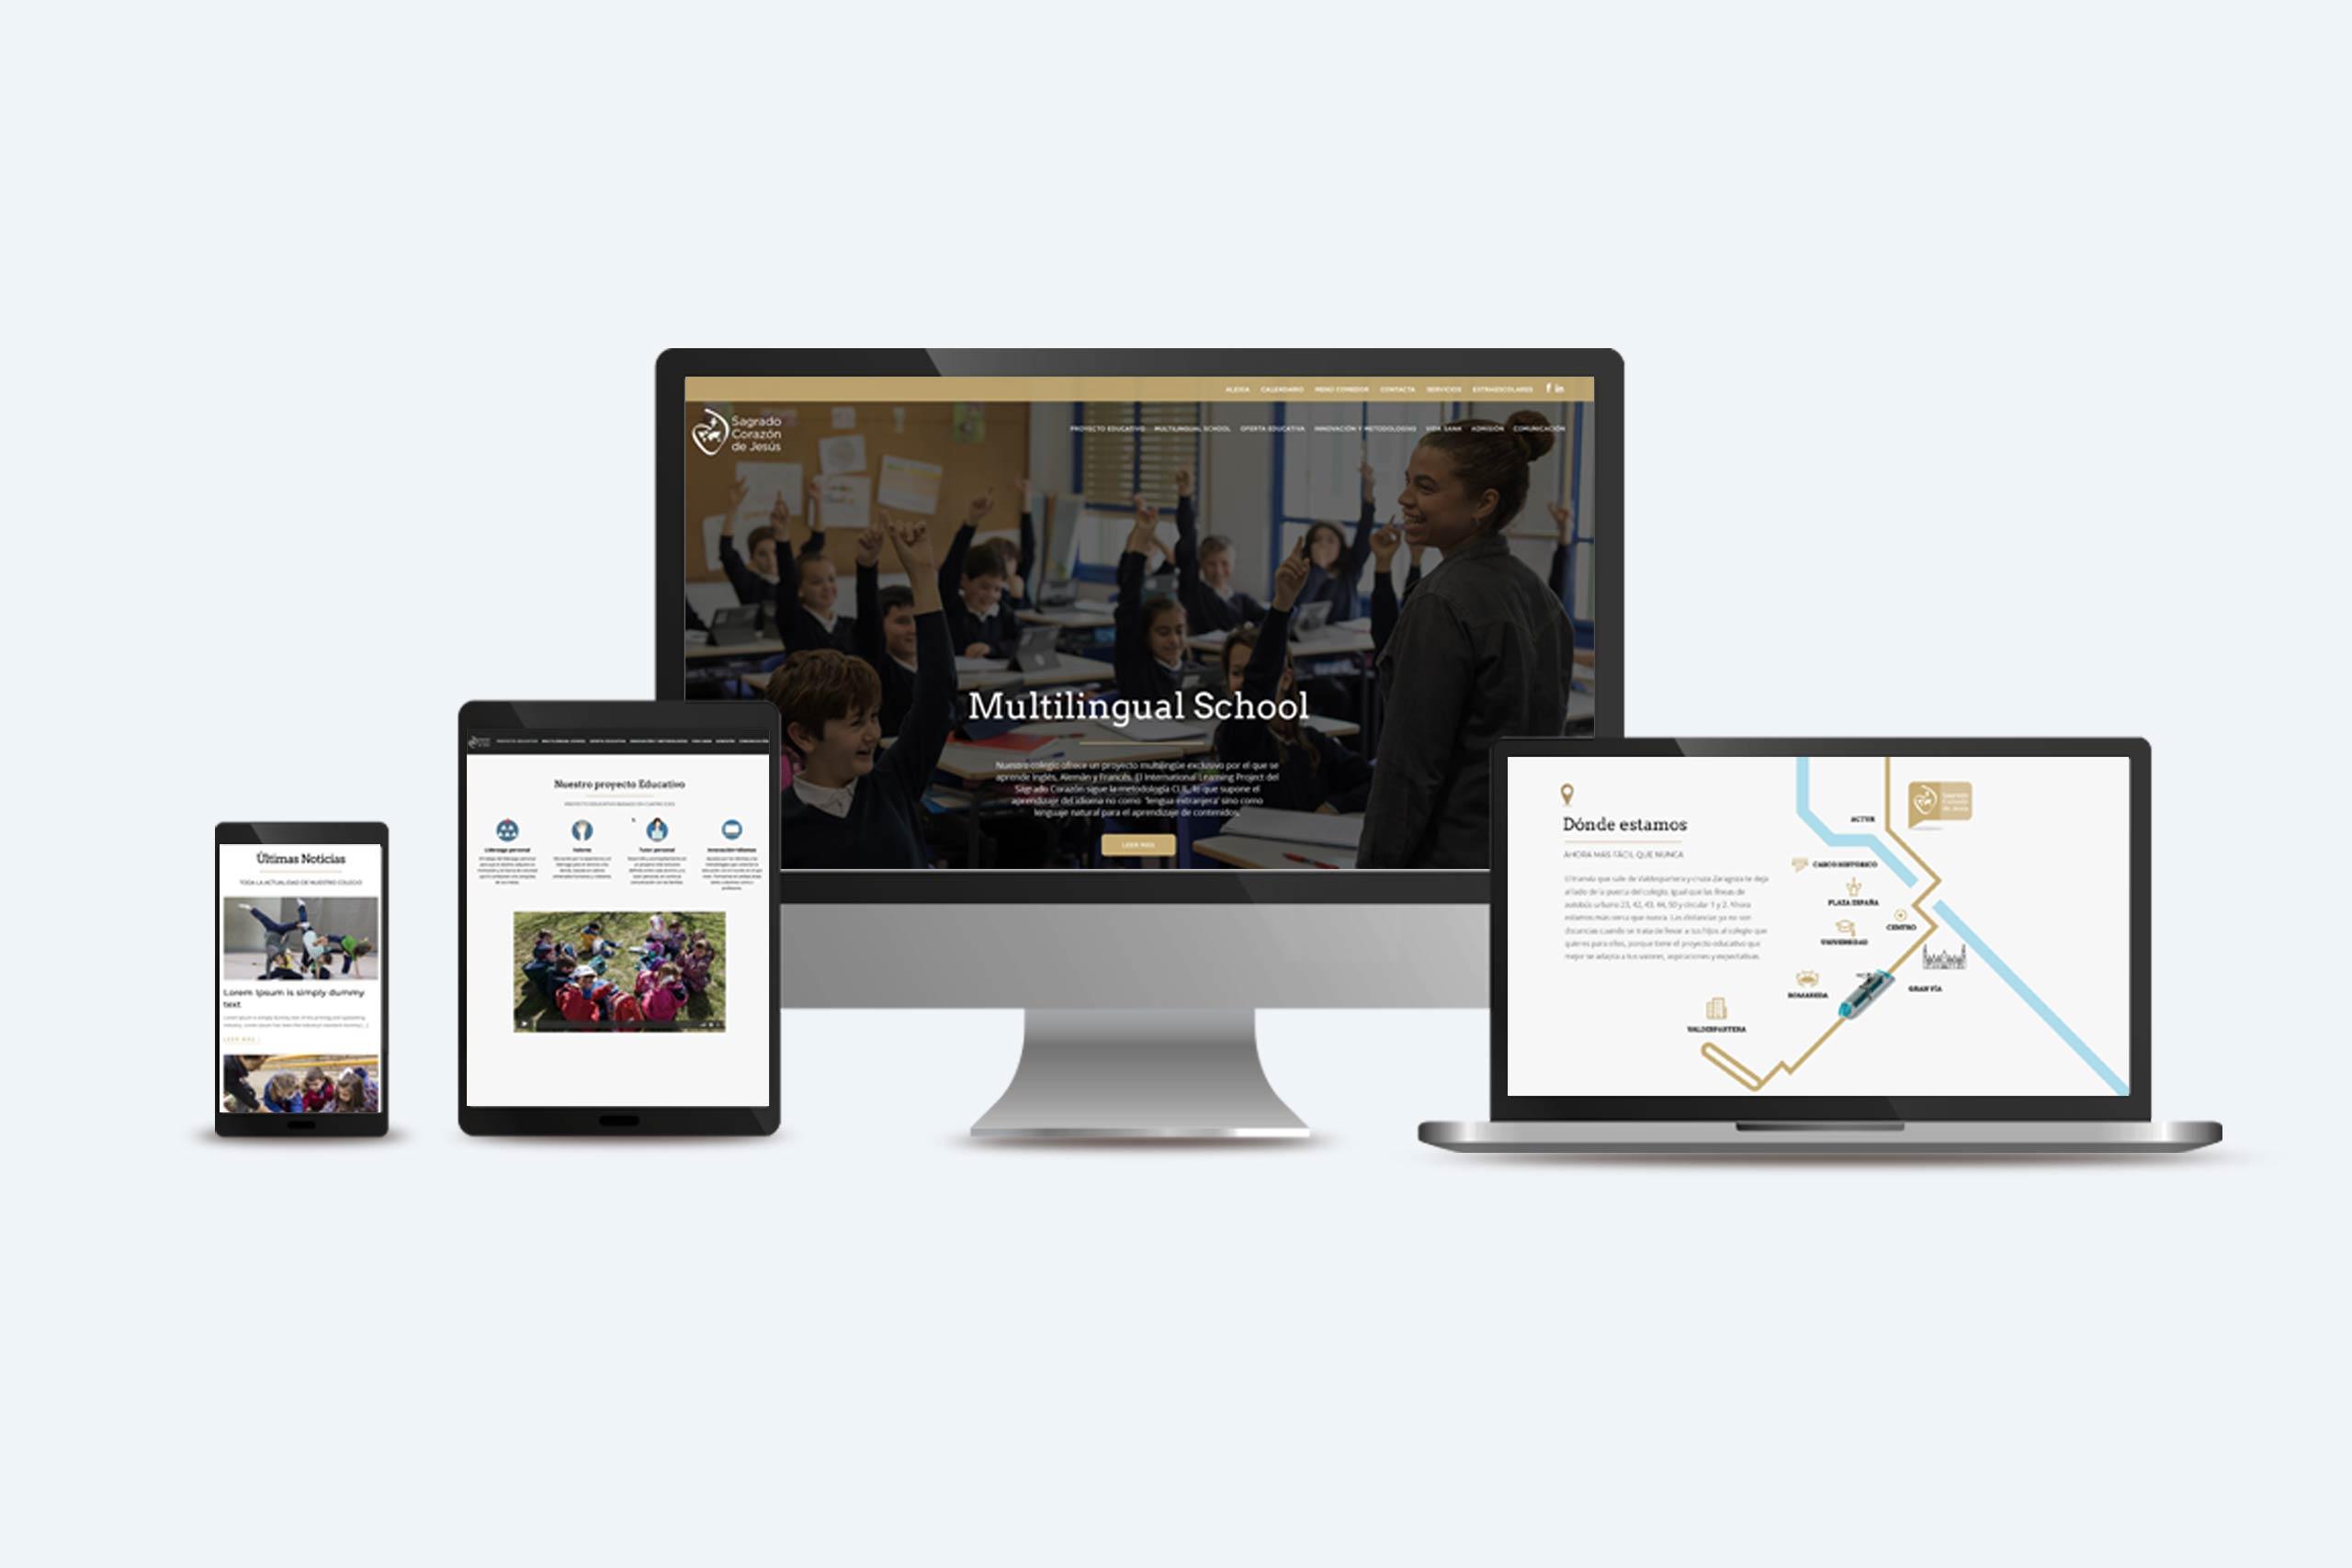 web de un colegio en distintos dispositivos